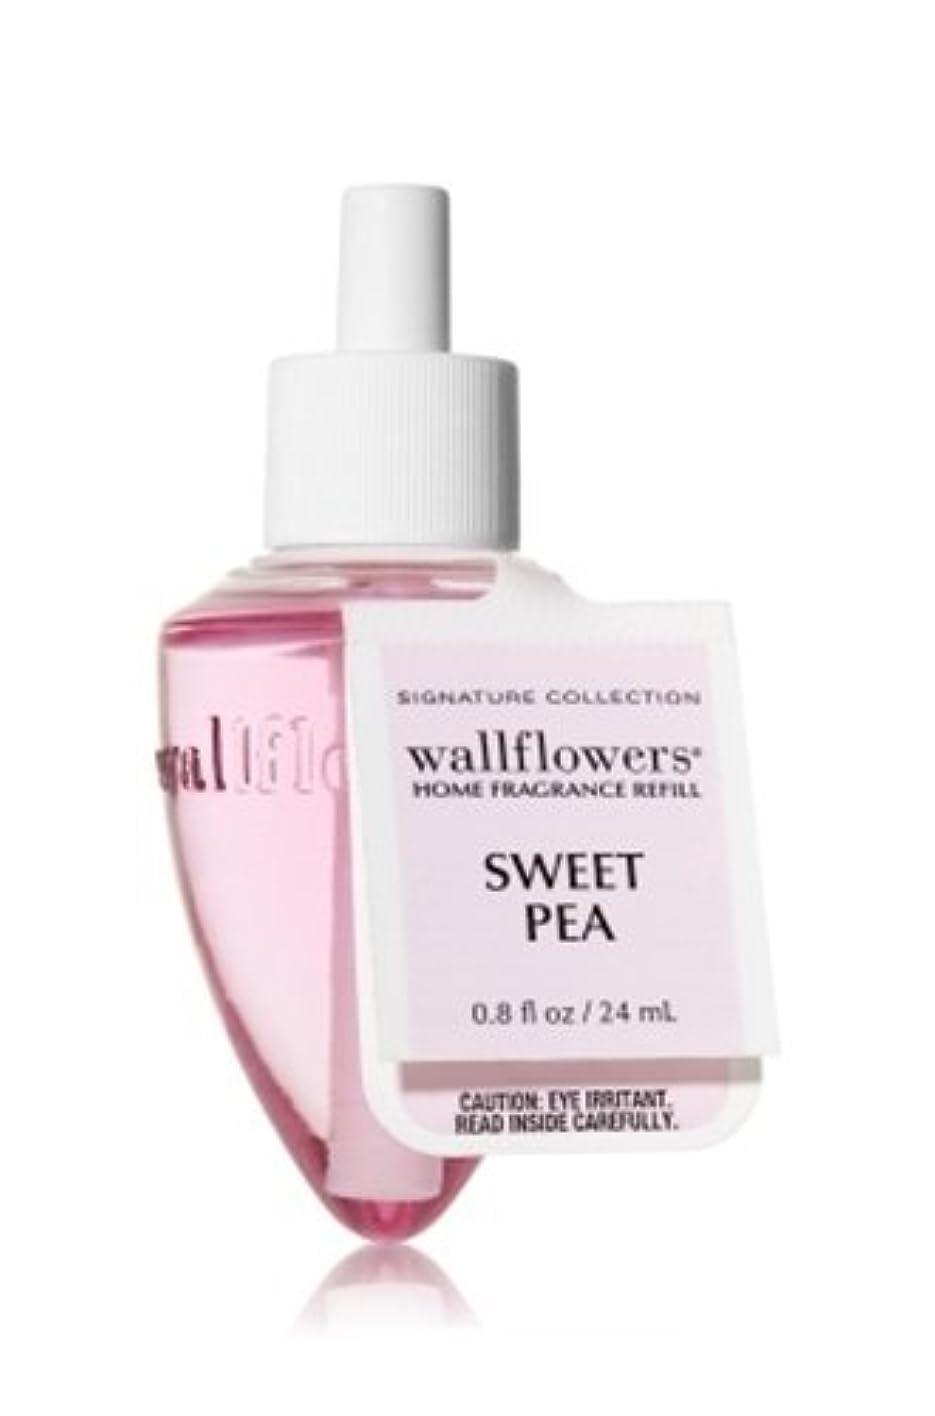 退却はねかけるフローBath & Body Works(バス&ボディワークス)スイートピー ホームフレグランス レフィル(本体は別売りです)Sweet Pea Wallflowers Refill Single Bottles [並行輸入品]